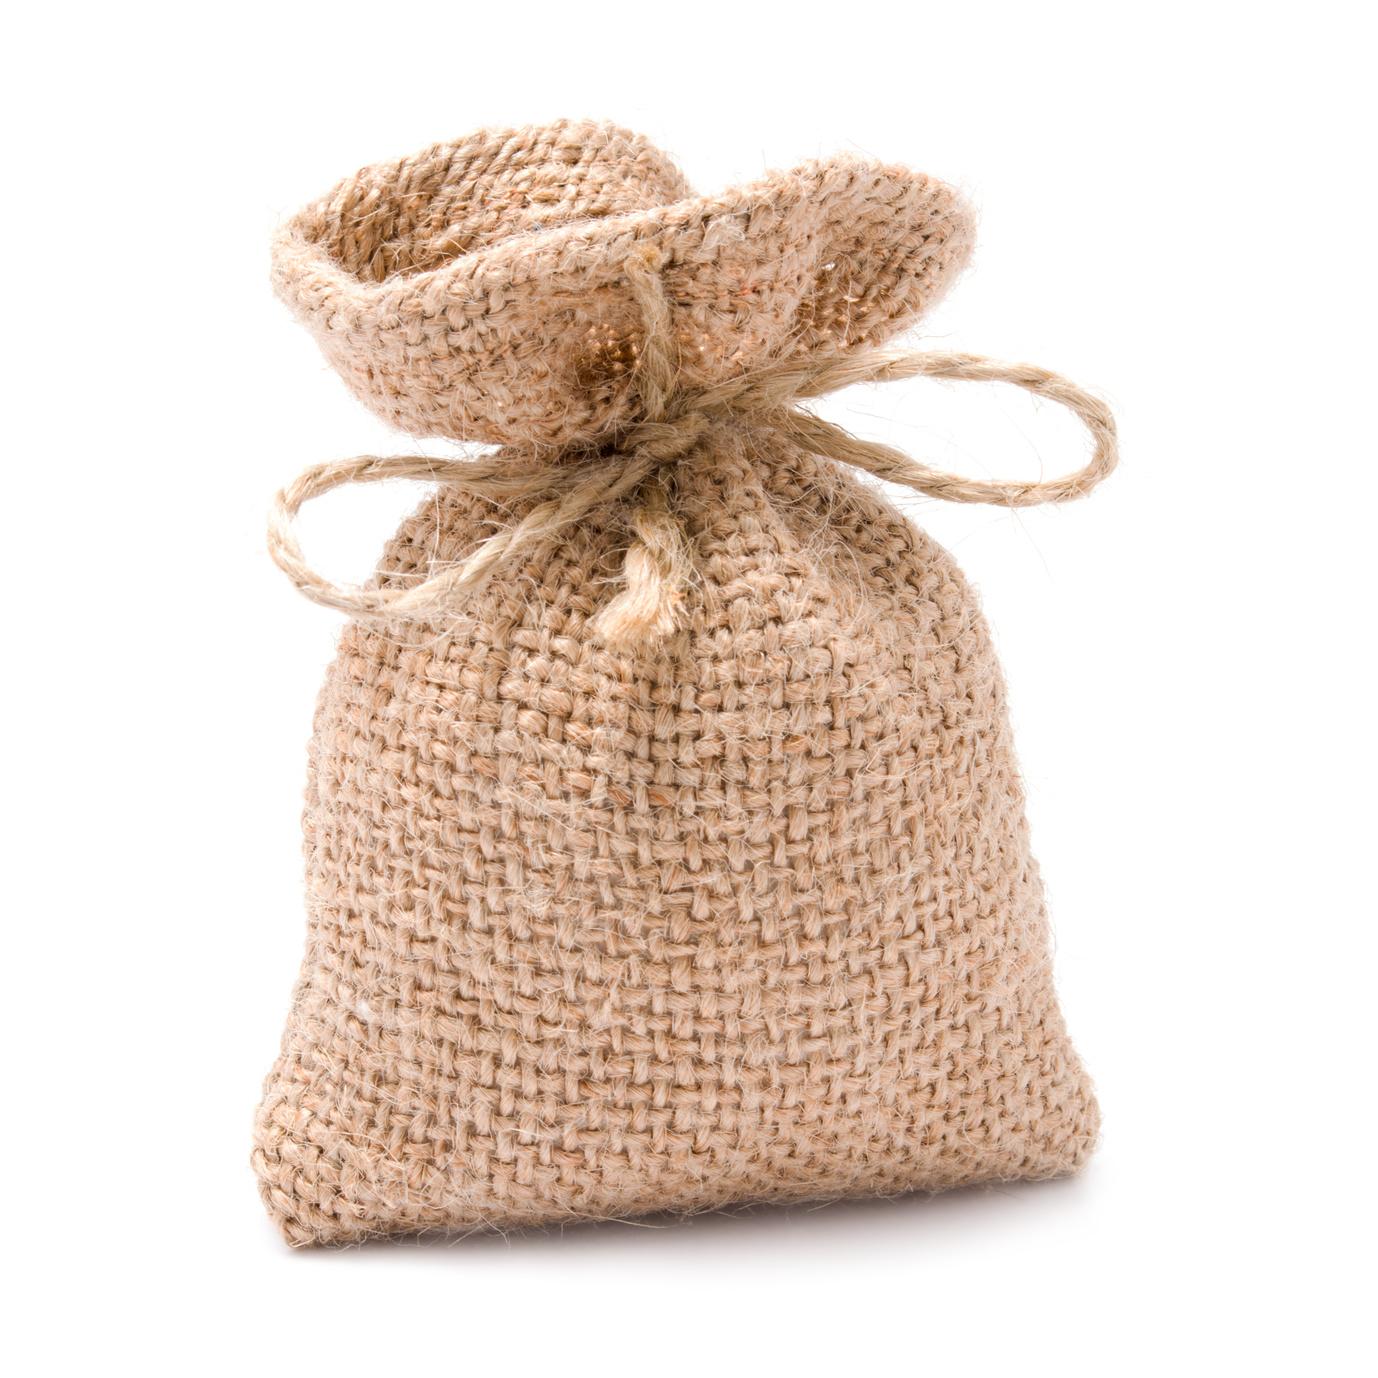 raw material burlap sac